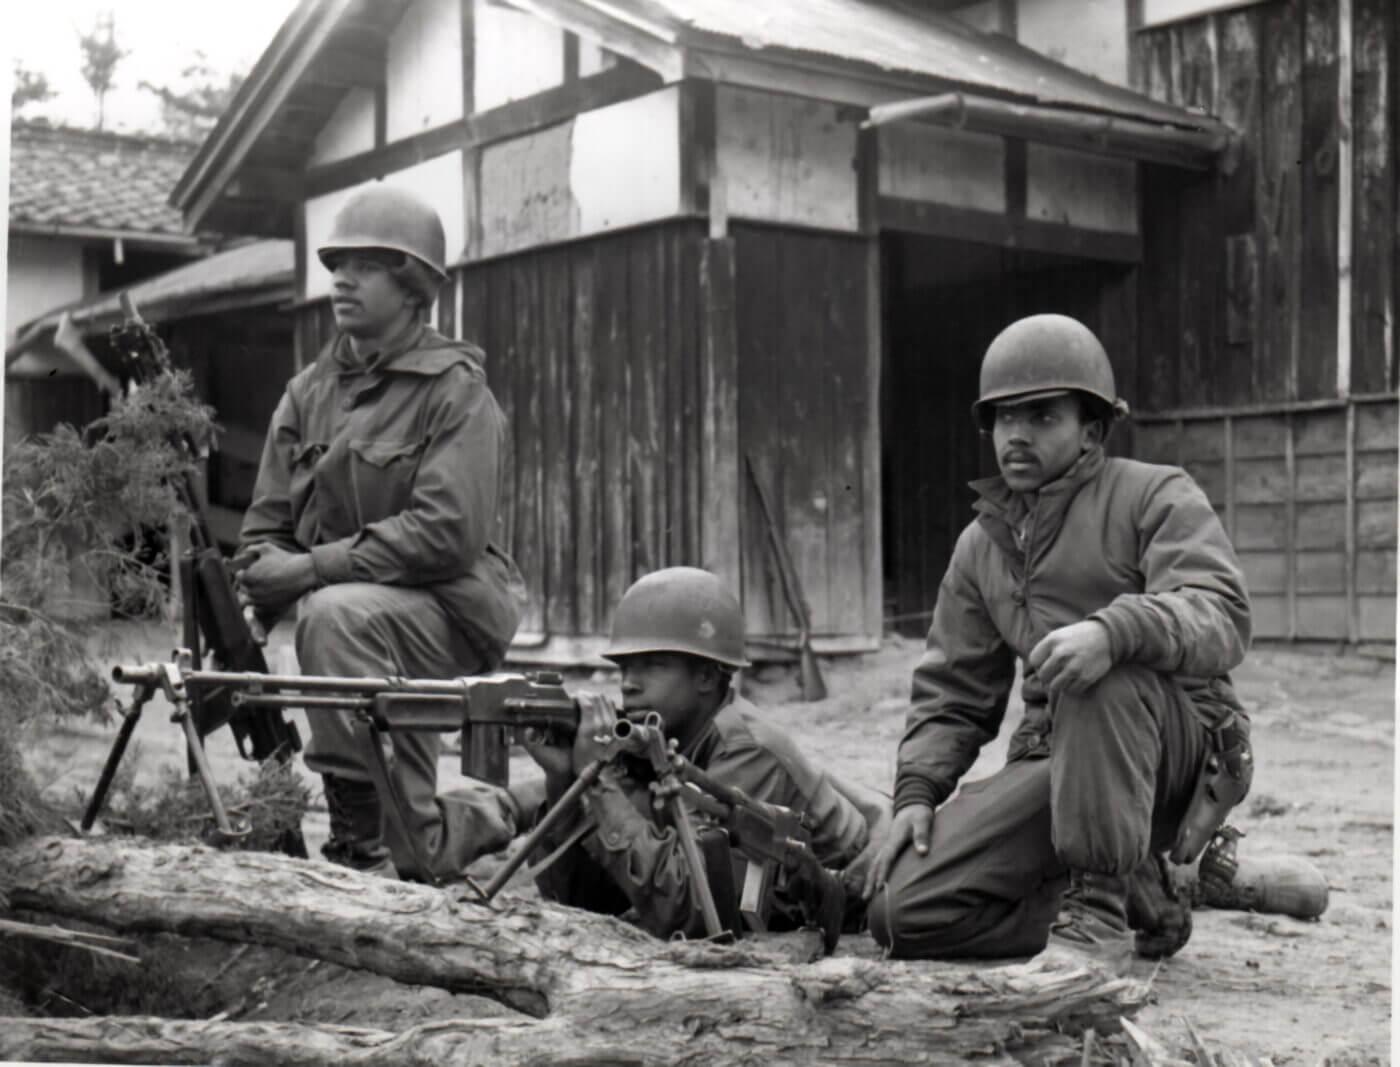 BAR in Korean circa 1951